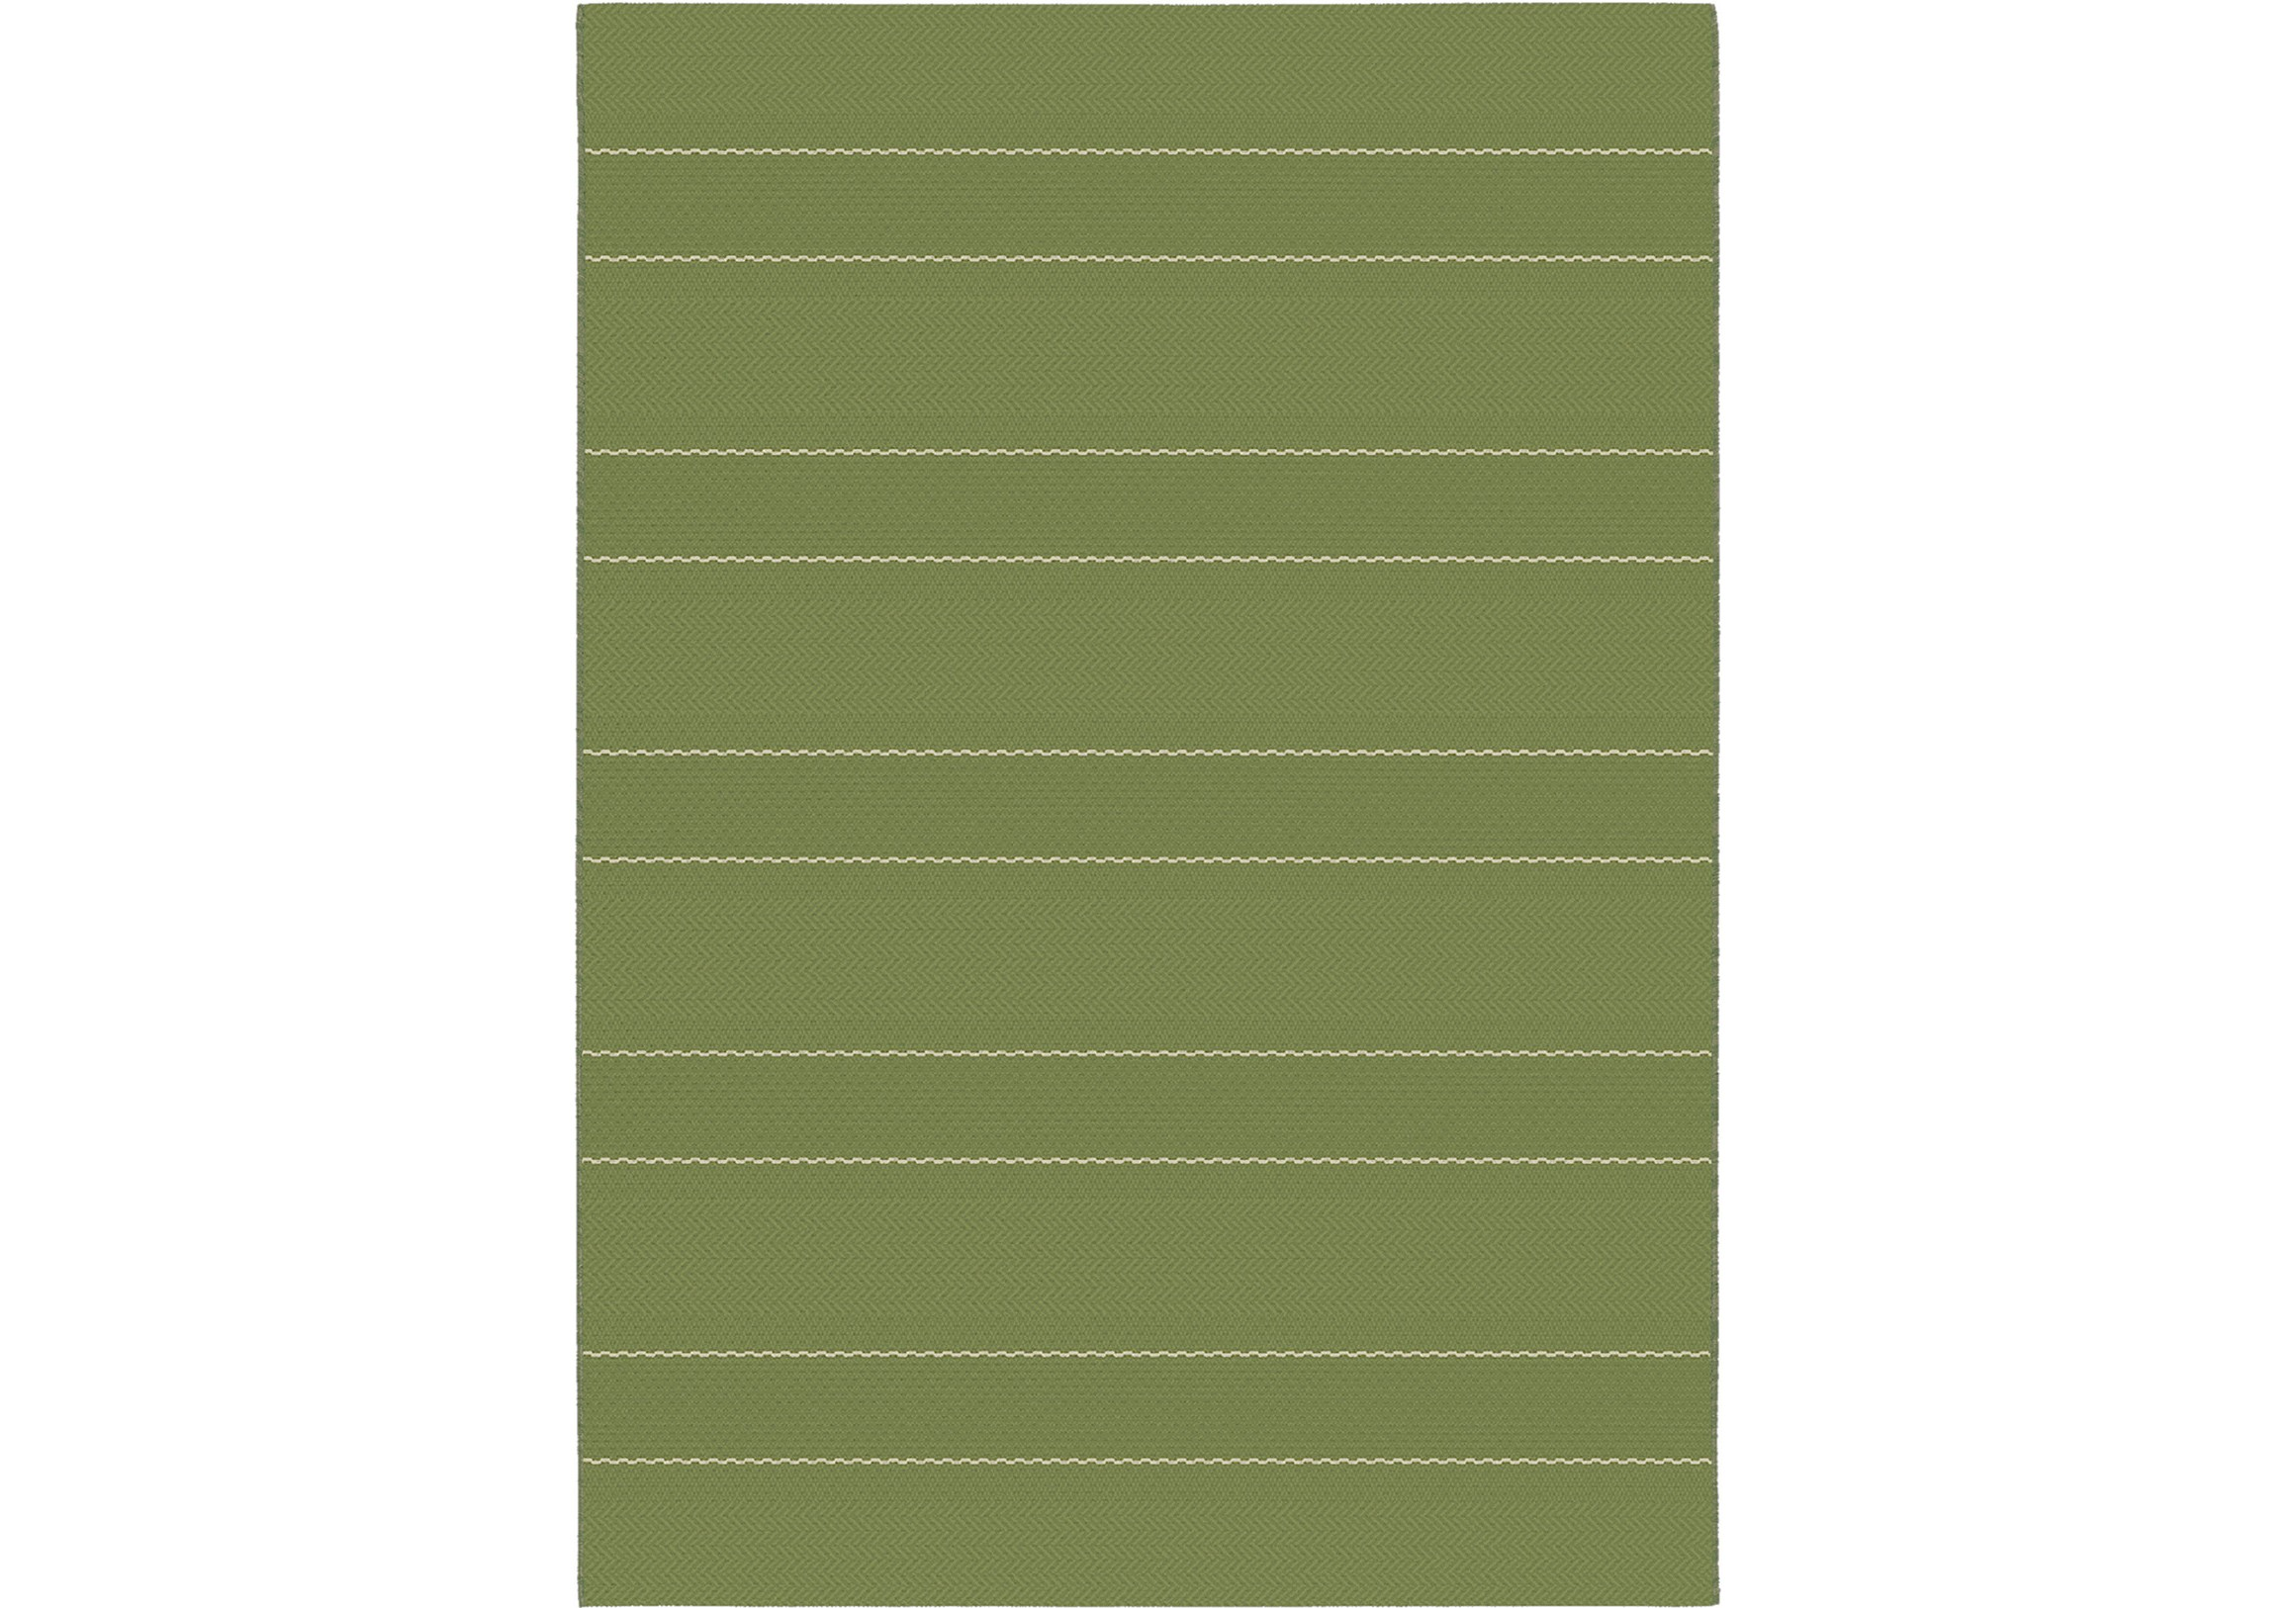 Ковер Comfy 230х160Прямоугольные ковры<br>Плоские ковры обязательны для ассортимента: легко чистятся, быстро пылесосить, массаж для ног, идеально для алергиков. Все плоскотканные ковры можно использовать внутри помещений и снаружи.&amp;amp;nbsp;&amp;lt;div&amp;gt;&amp;lt;br&amp;gt;&amp;lt;/div&amp;gt;&amp;lt;div&amp;gt;Химический состав нити устойчив к UV и температурам.&amp;amp;nbsp;&amp;lt;/div&amp;gt;&amp;lt;div&amp;gt;Можно чистить мойкой высокого давления.&amp;lt;/div&amp;gt;&amp;lt;div&amp;gt;Материал: 100% Полипропилен.&amp;lt;br&amp;gt;&amp;lt;/div&amp;gt;<br><br>Material: Текстиль<br>Ширина см: 230<br>Глубина см: 160